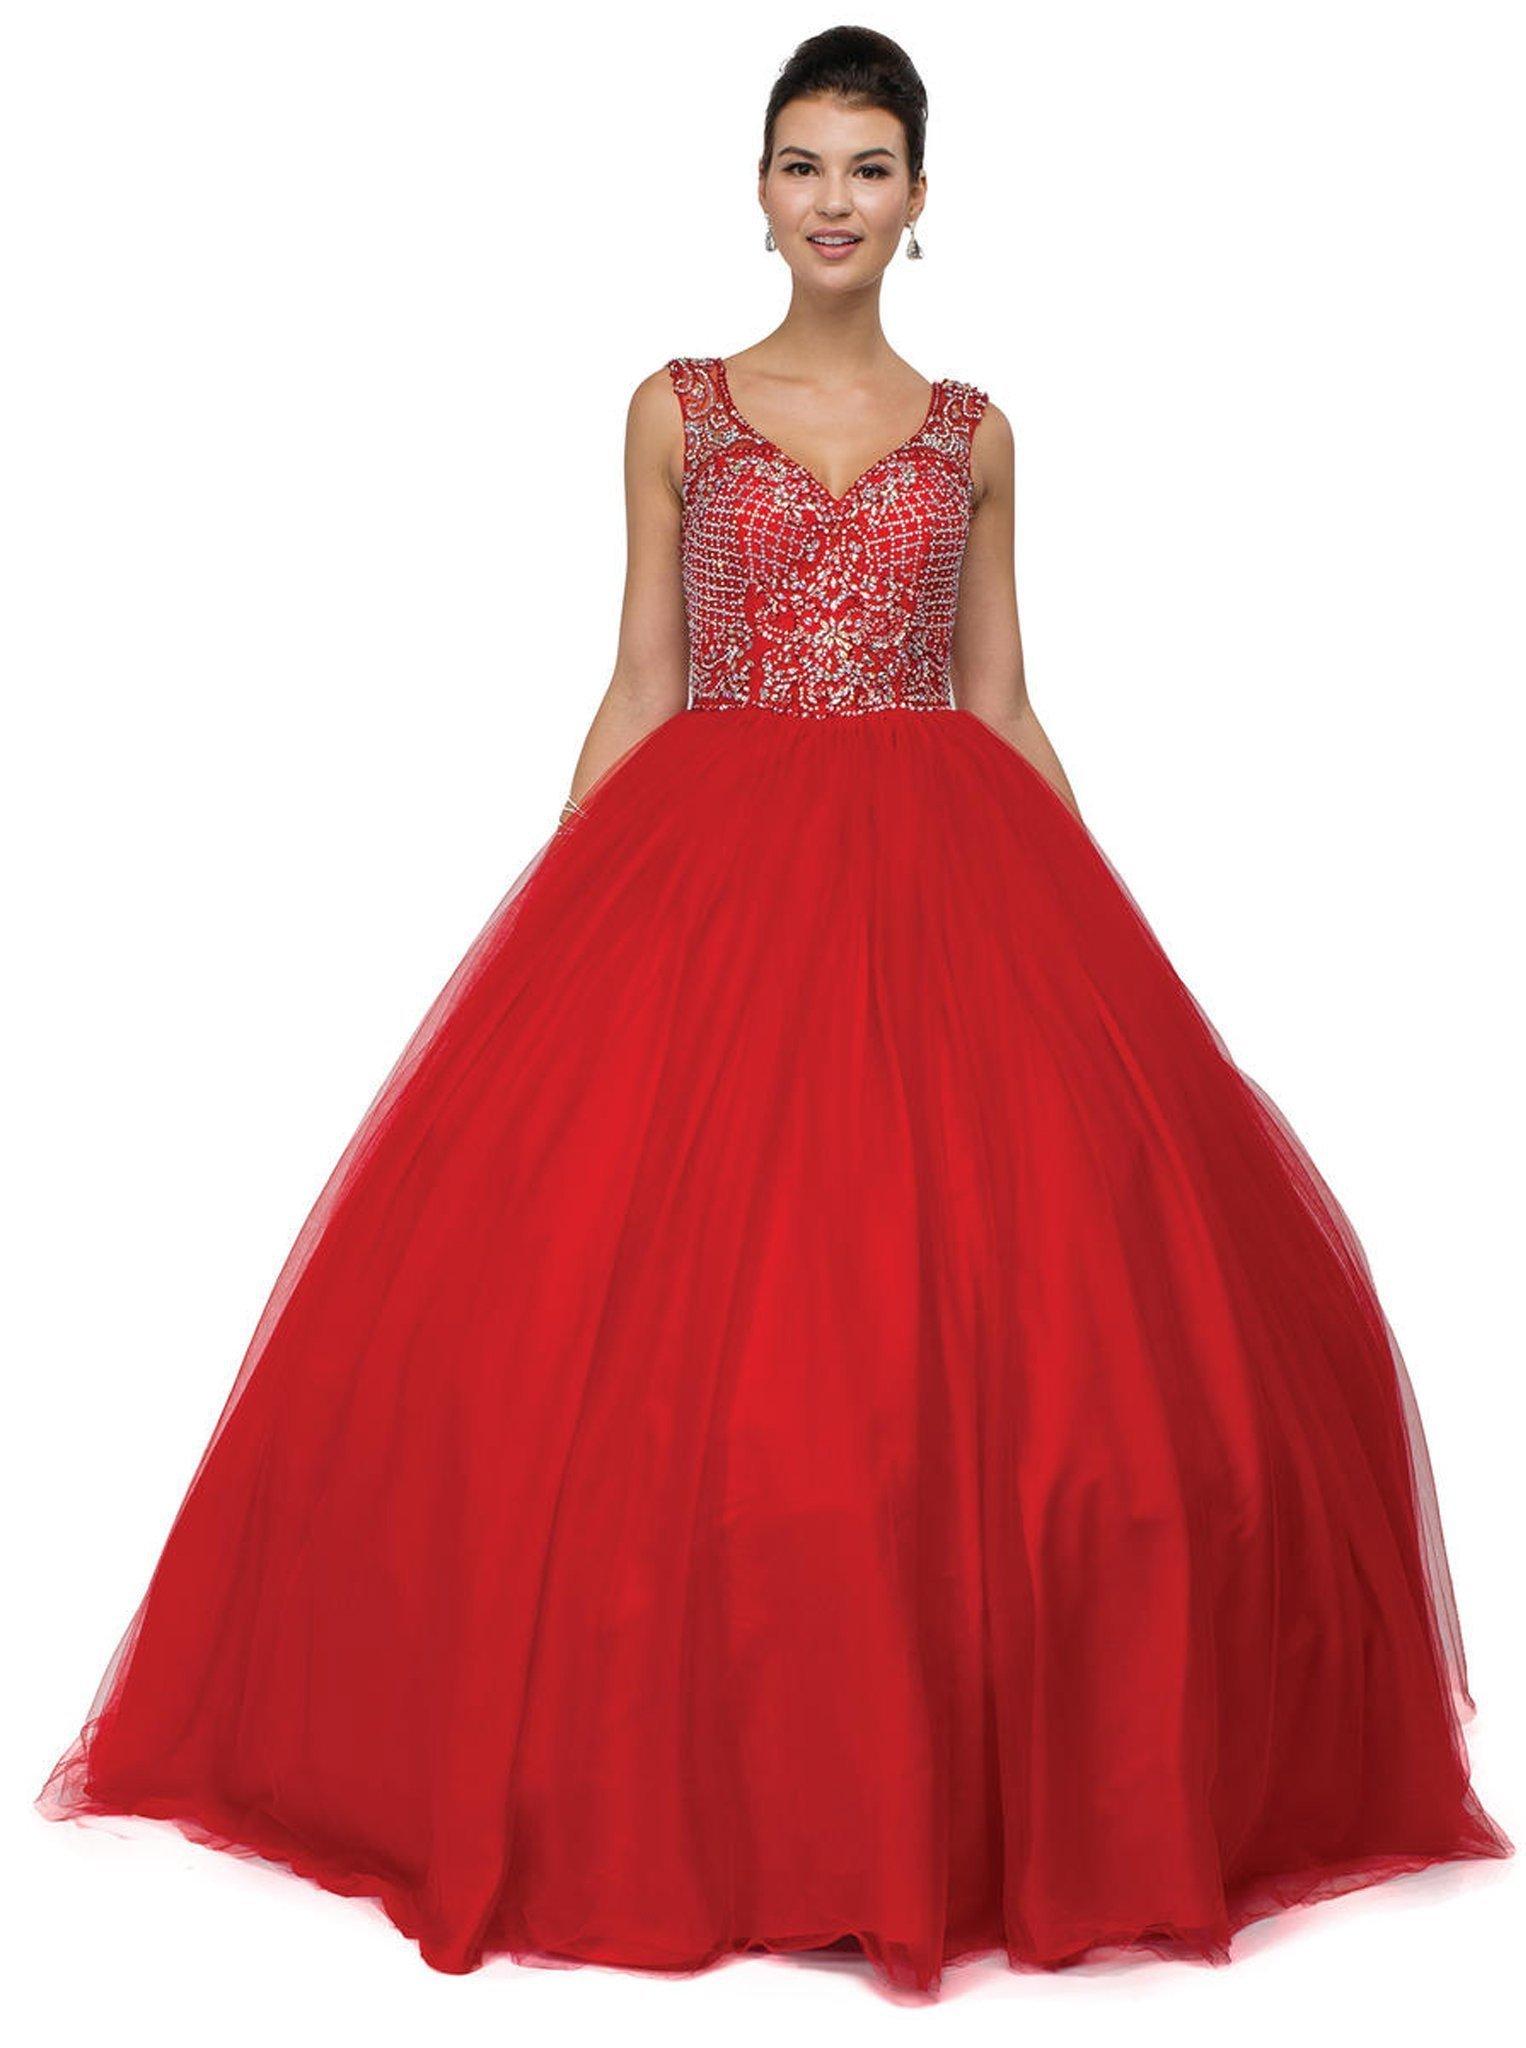 Dancing Queen - 1122 Sweetheart Sleeveless Beaded Quinceanera Gown